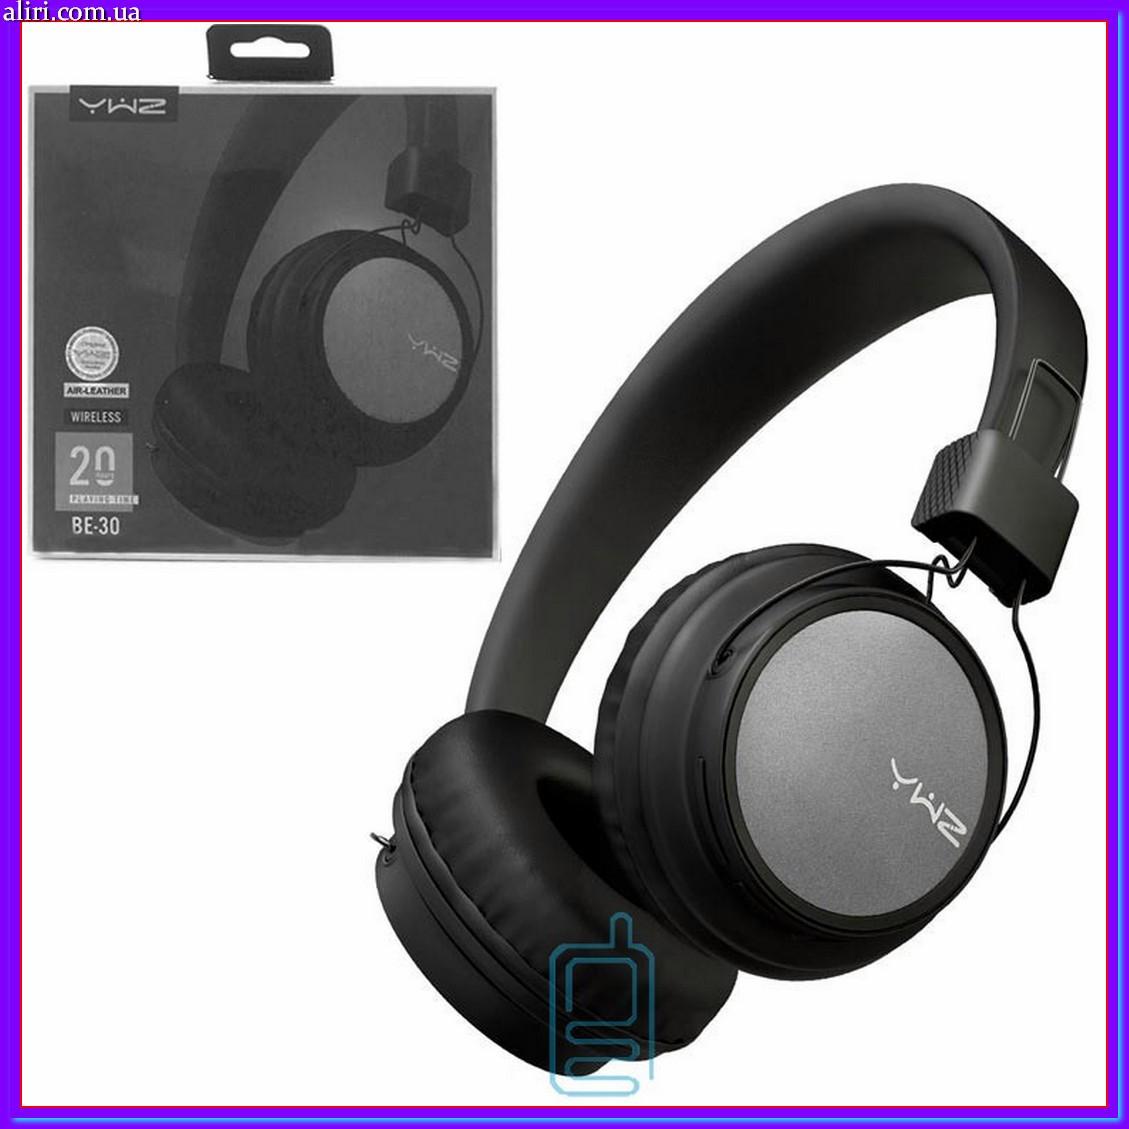 Bluetooth наушники с микрофоном Sonic Sound BE-30 с функцией плеера черно-серые